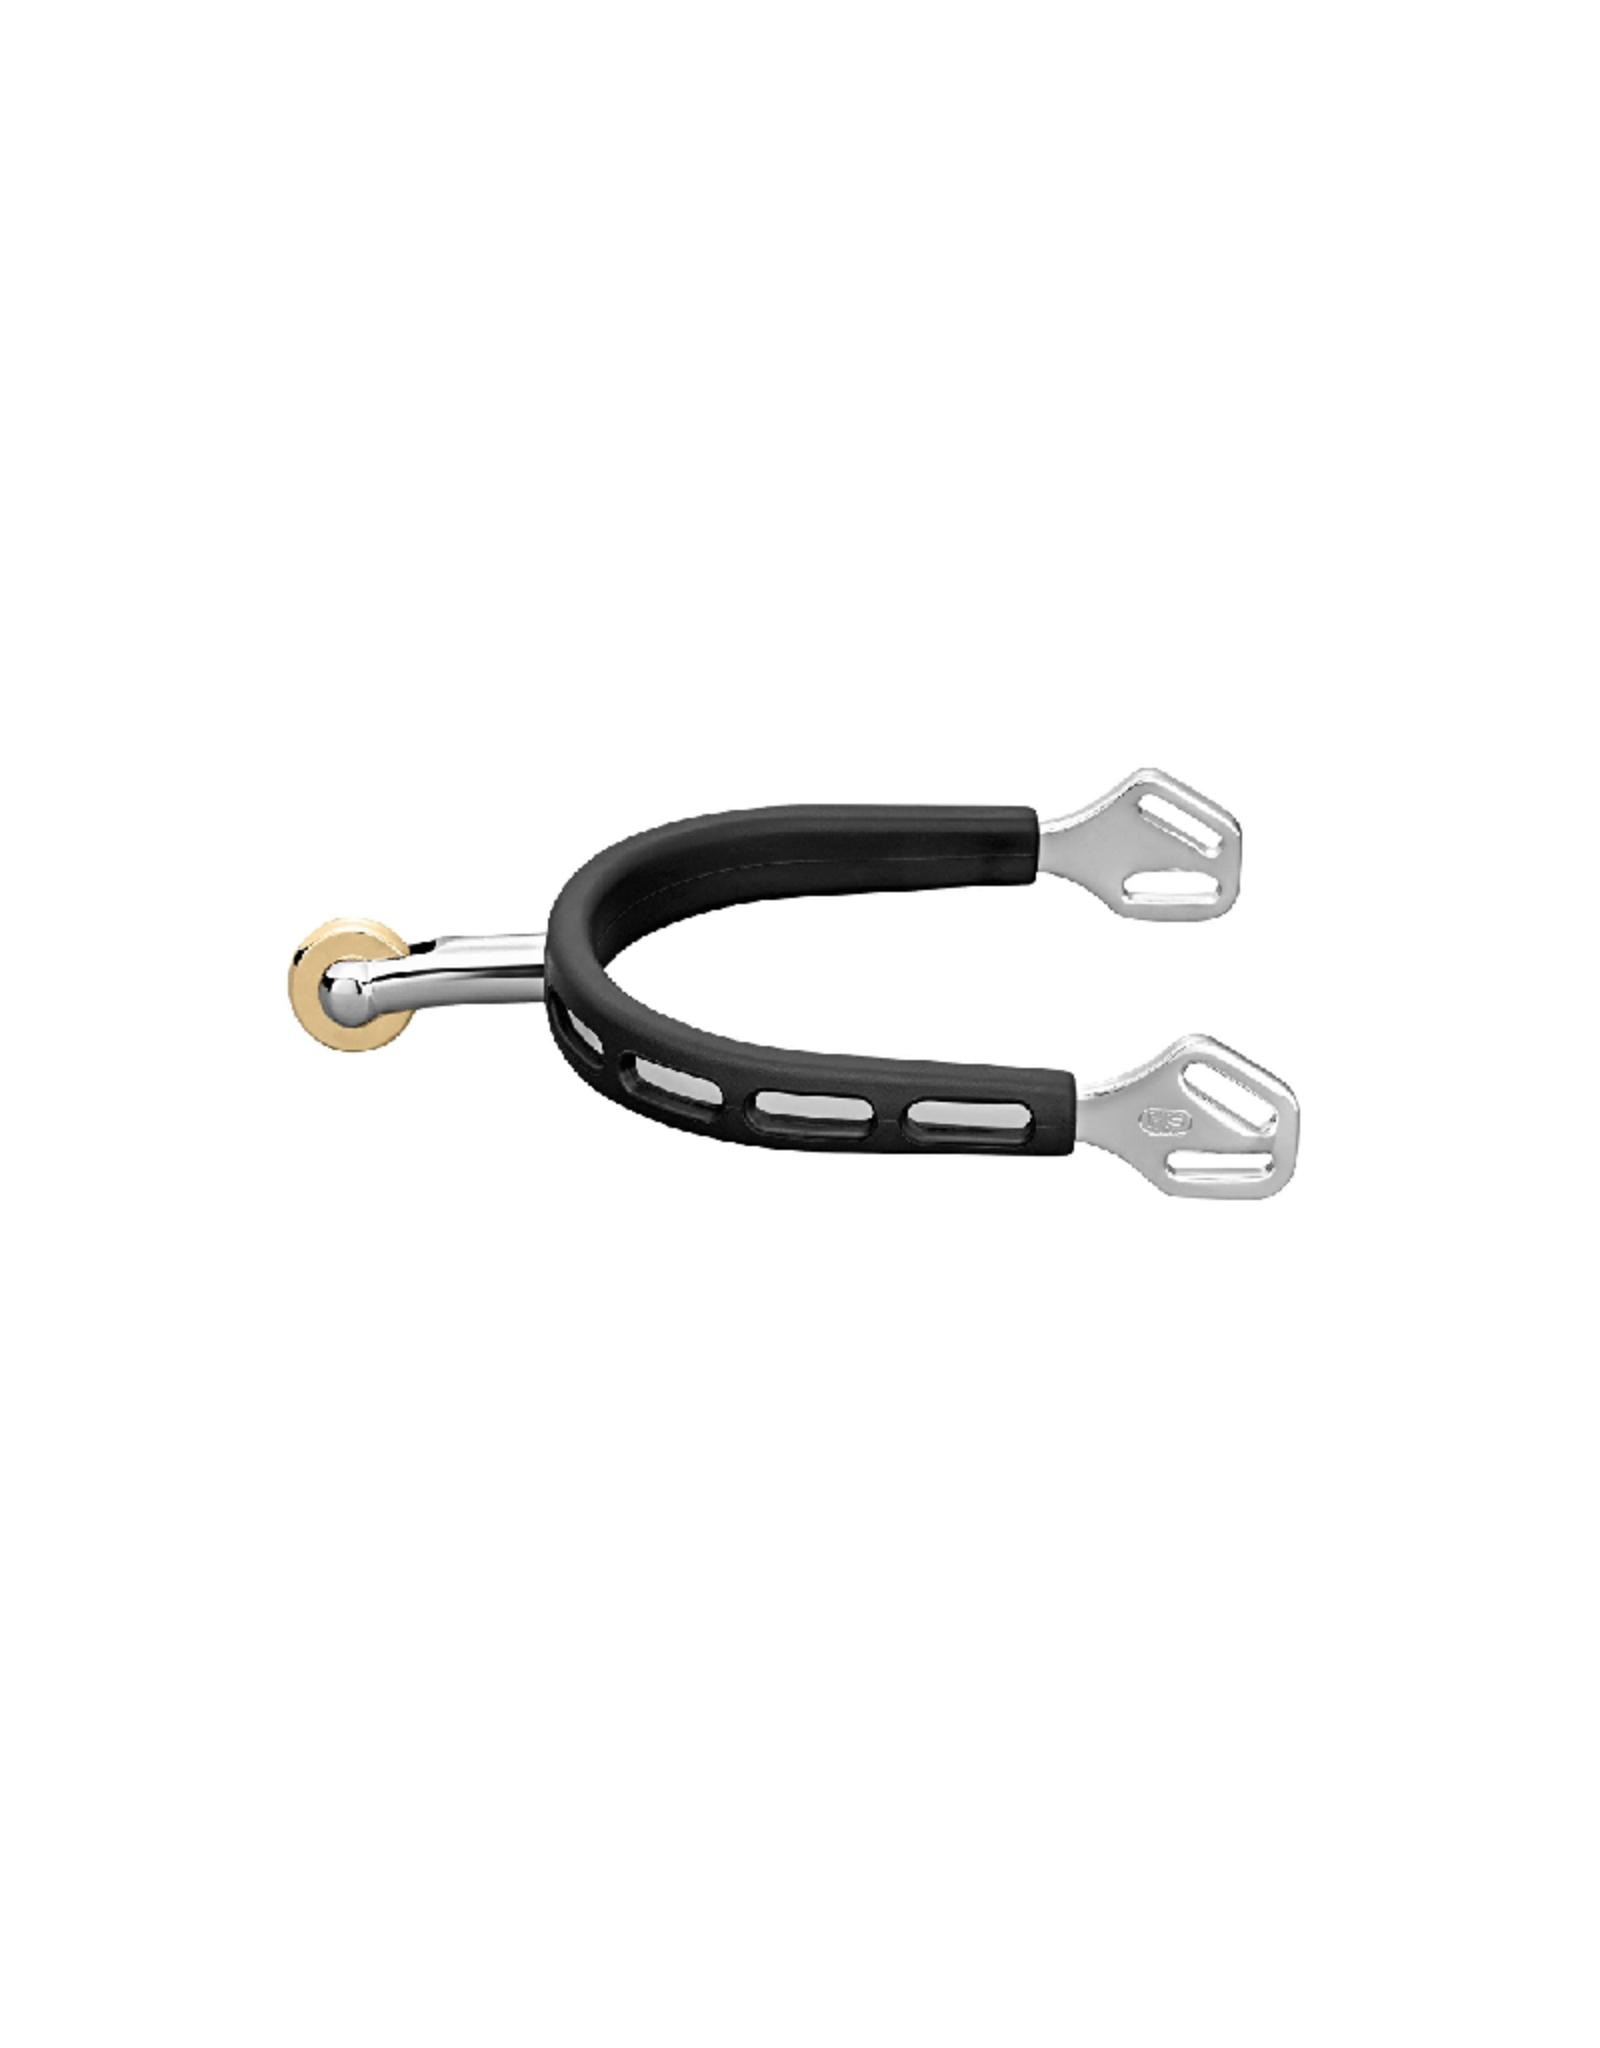 Sprenger Sprenger Ultra Fit Extra Grip Sporen met Verticaal Wieltje 35mm (4756200955)